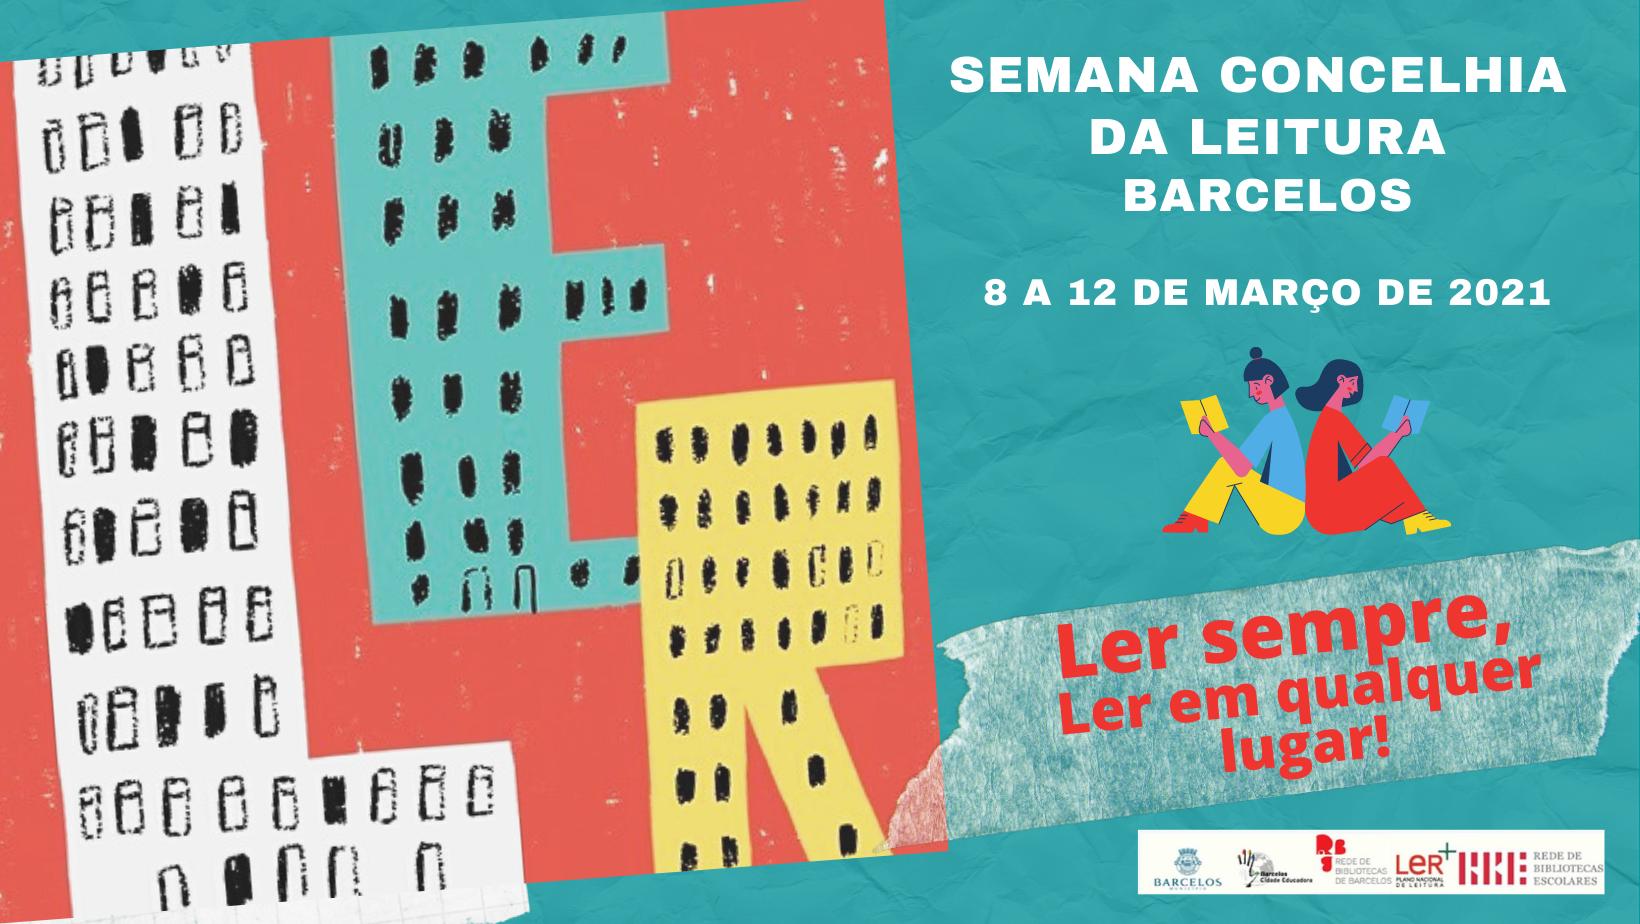 Município de Barcelos realiza a Semana Concelhia da Leitura em versão online